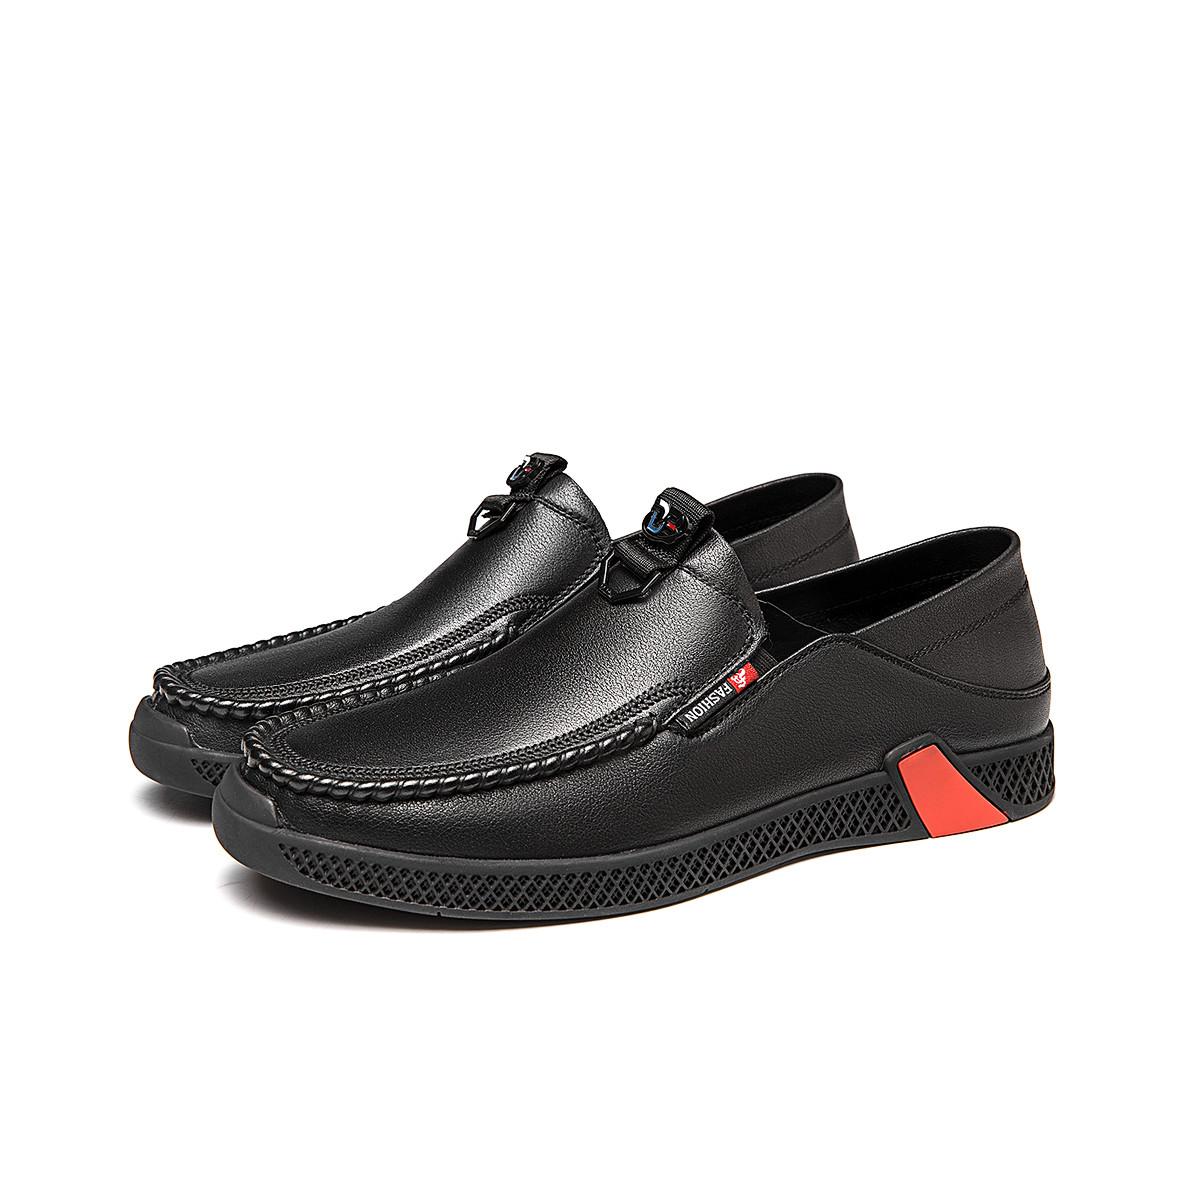 奥康奥康男鞋 2020年春季新款牛皮革套脚商务休闲男皮鞋103112025